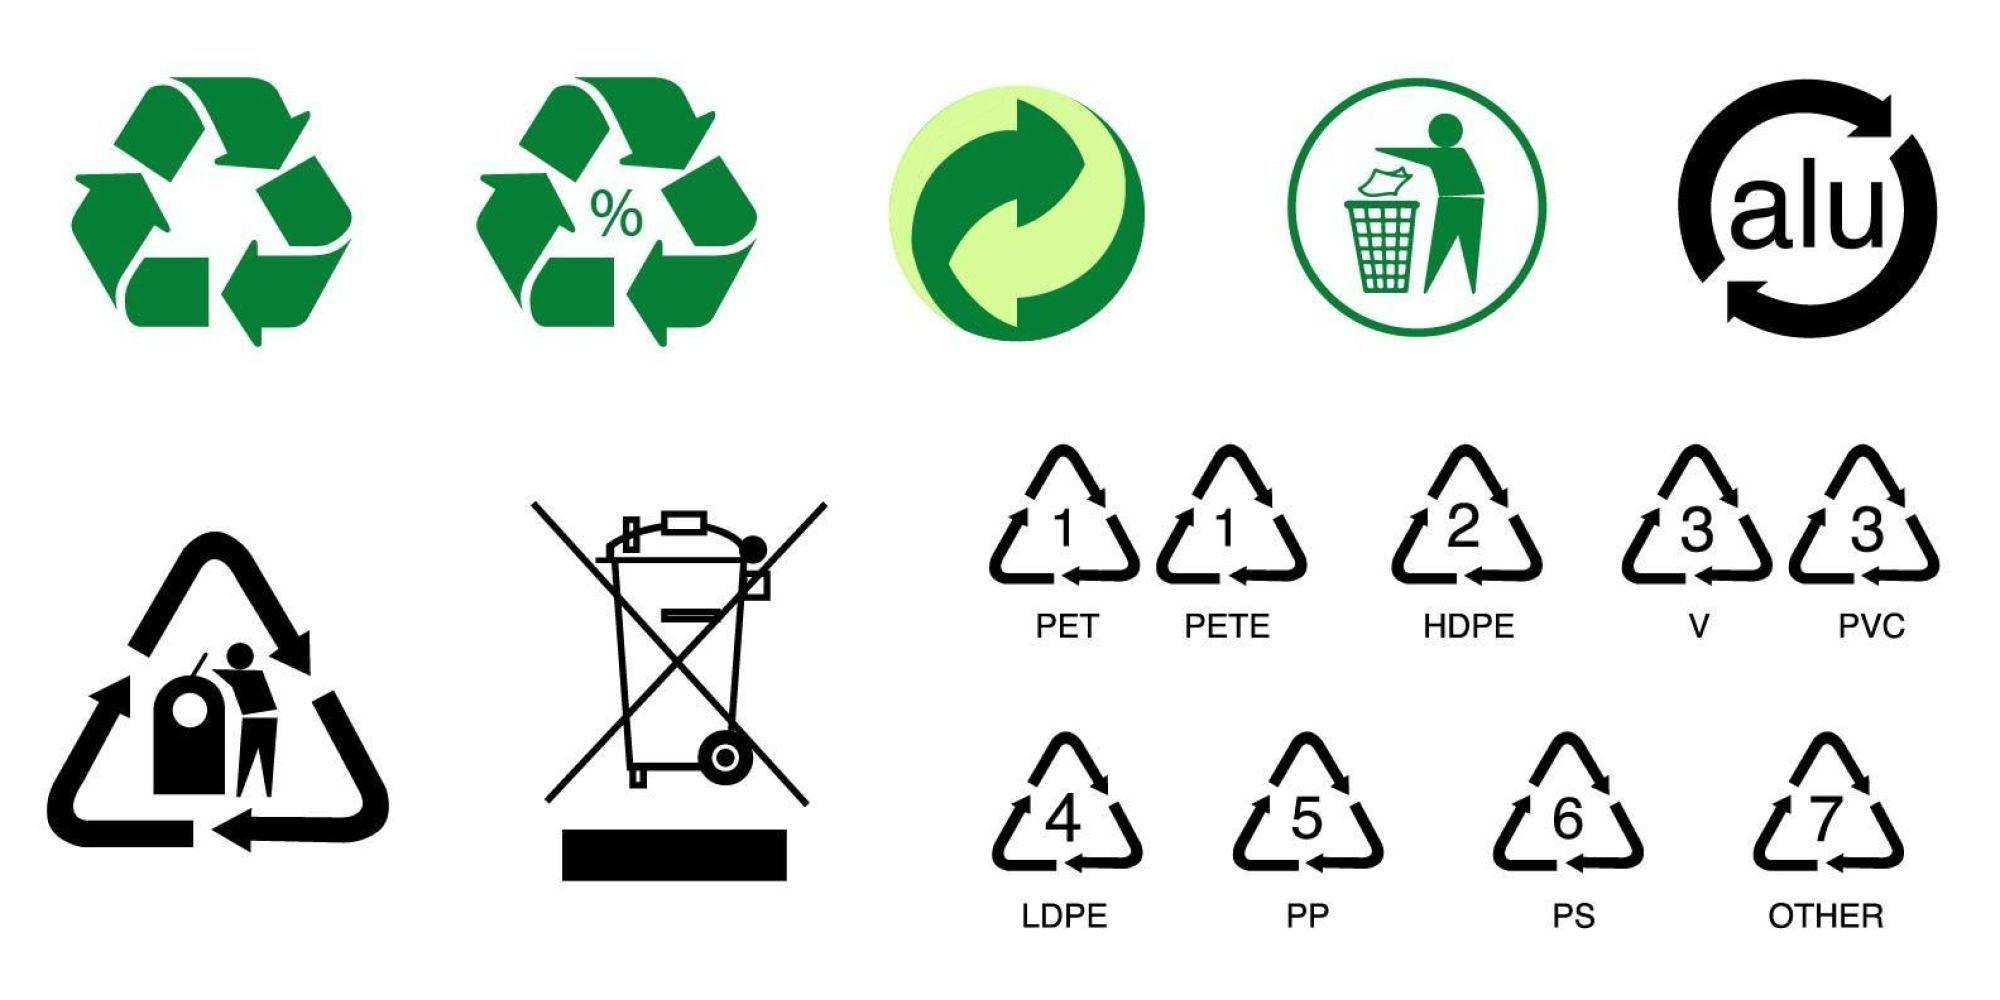 Conoces todos los símbolos del reciclaje? https://t.co/X5HMWBkZvW #ES